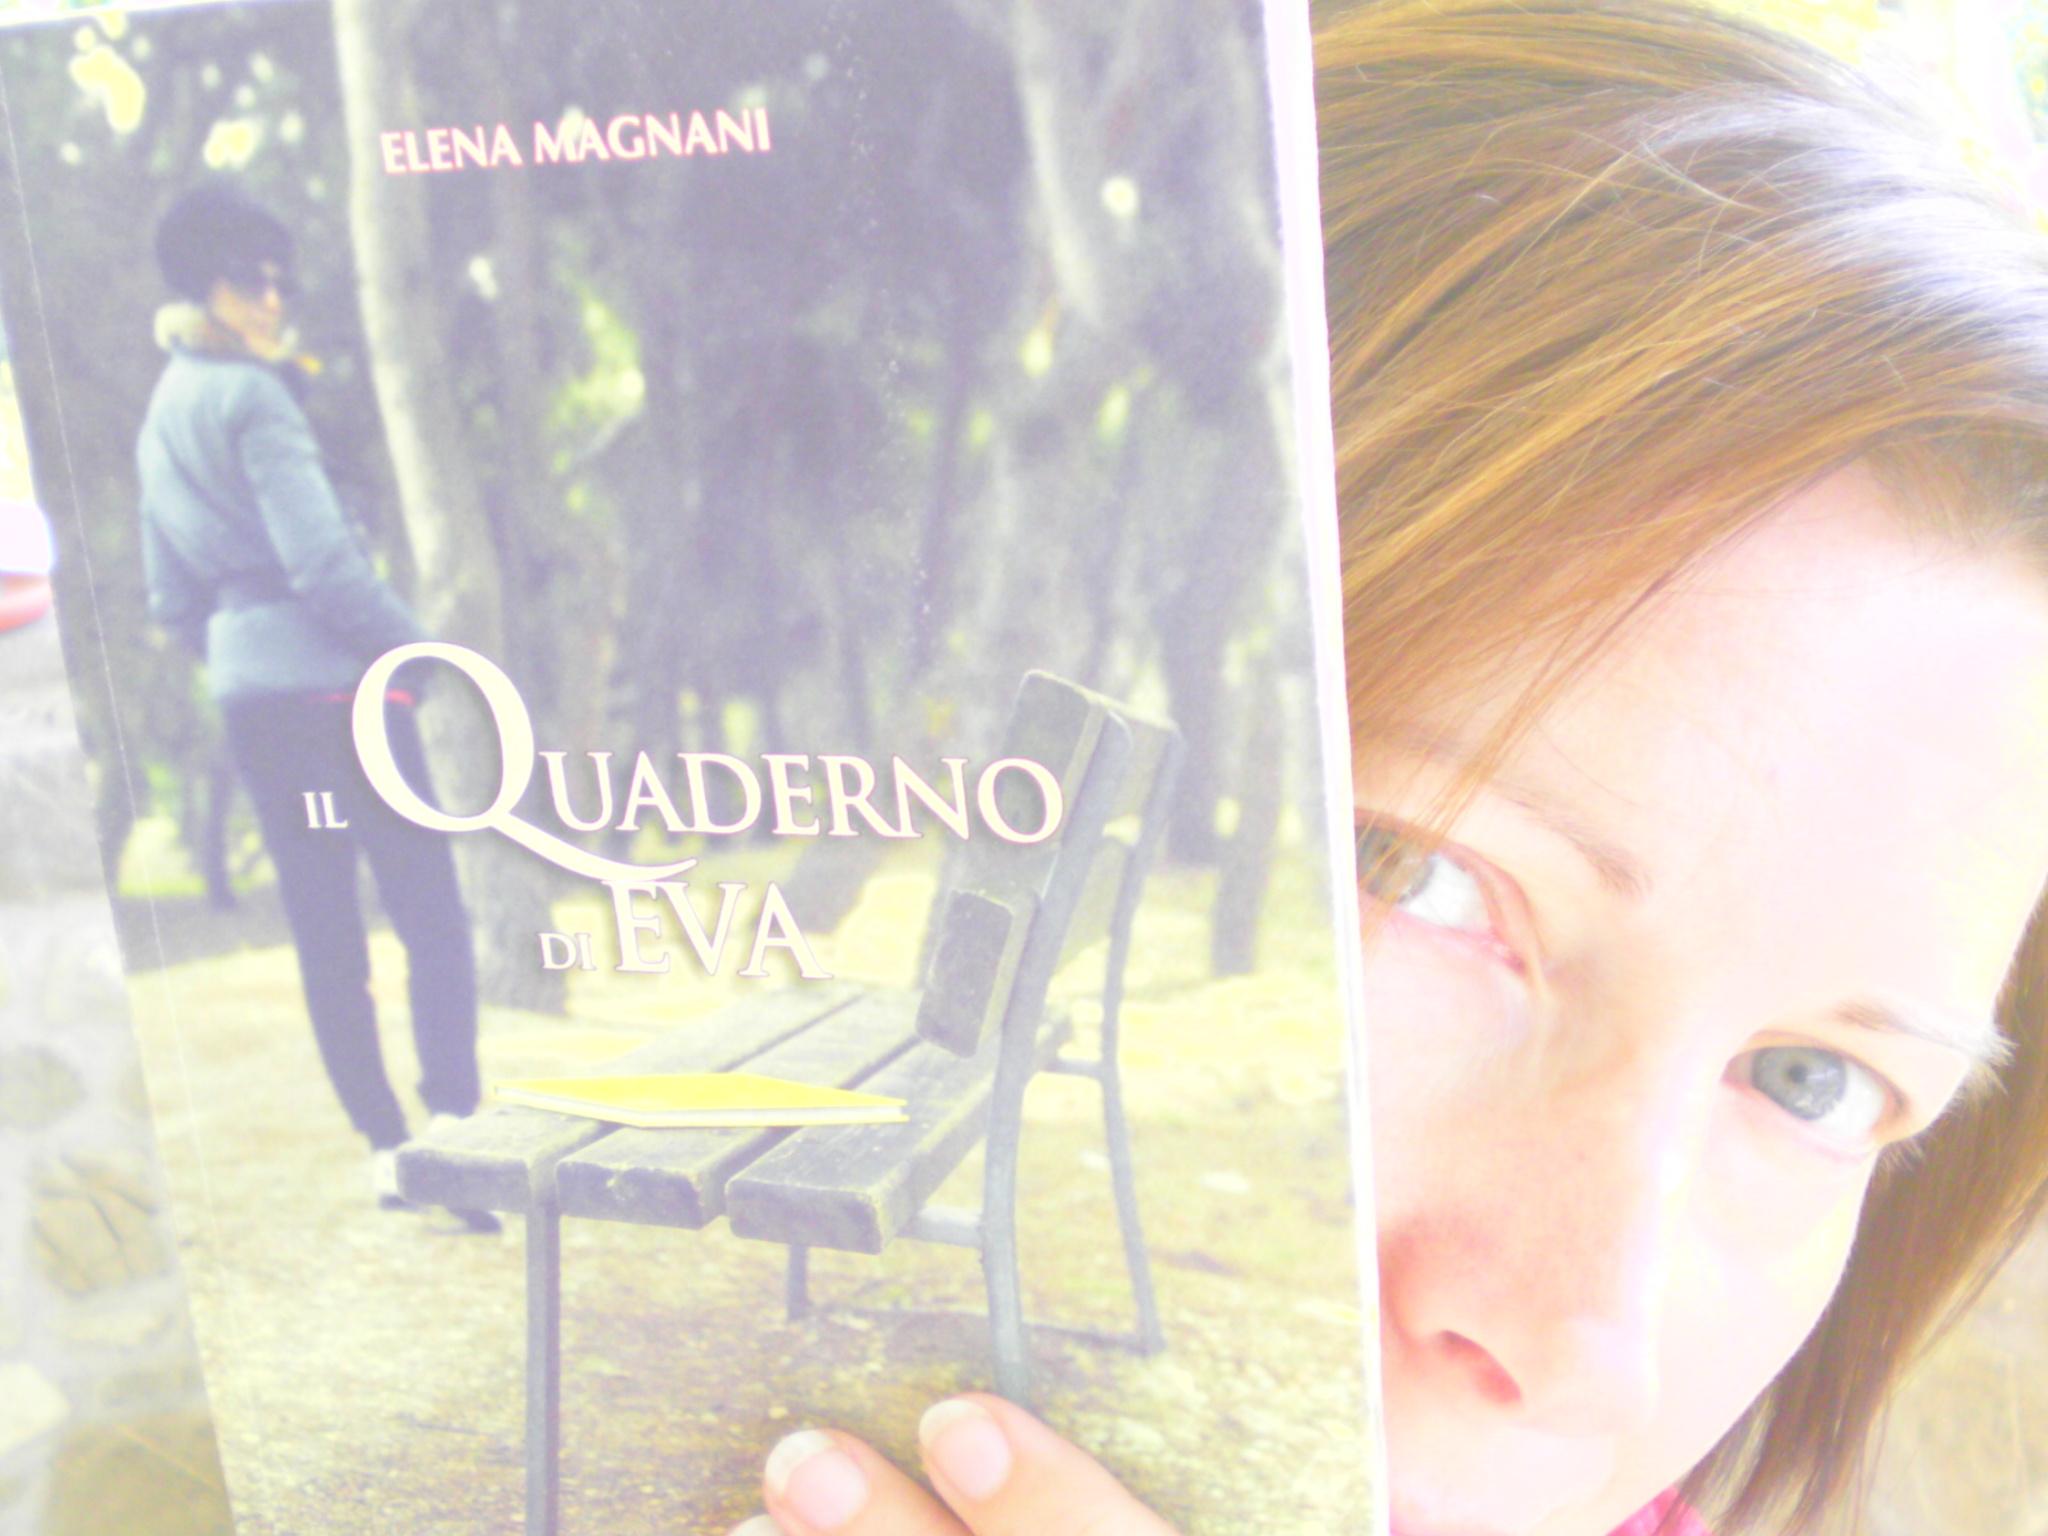 La scrittrice Elena Magnani ci parla del suo nuovo romanzo.